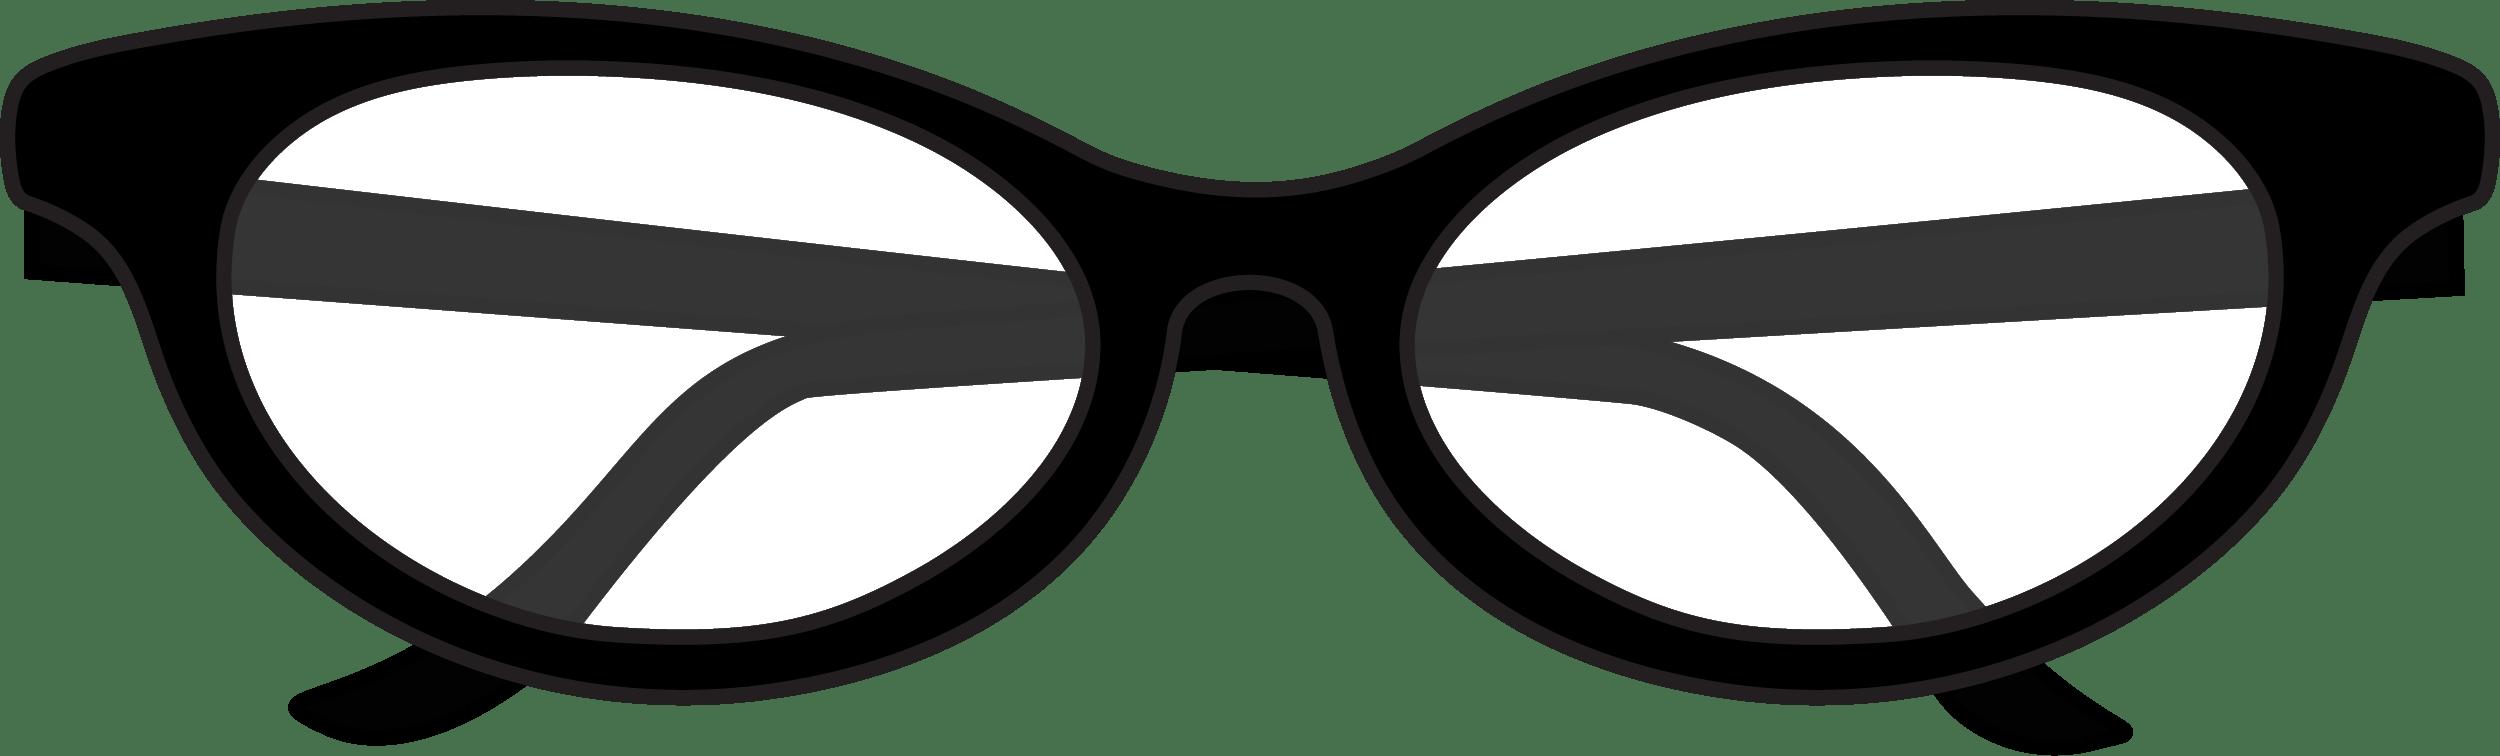 Cat-eye Glasses PNG